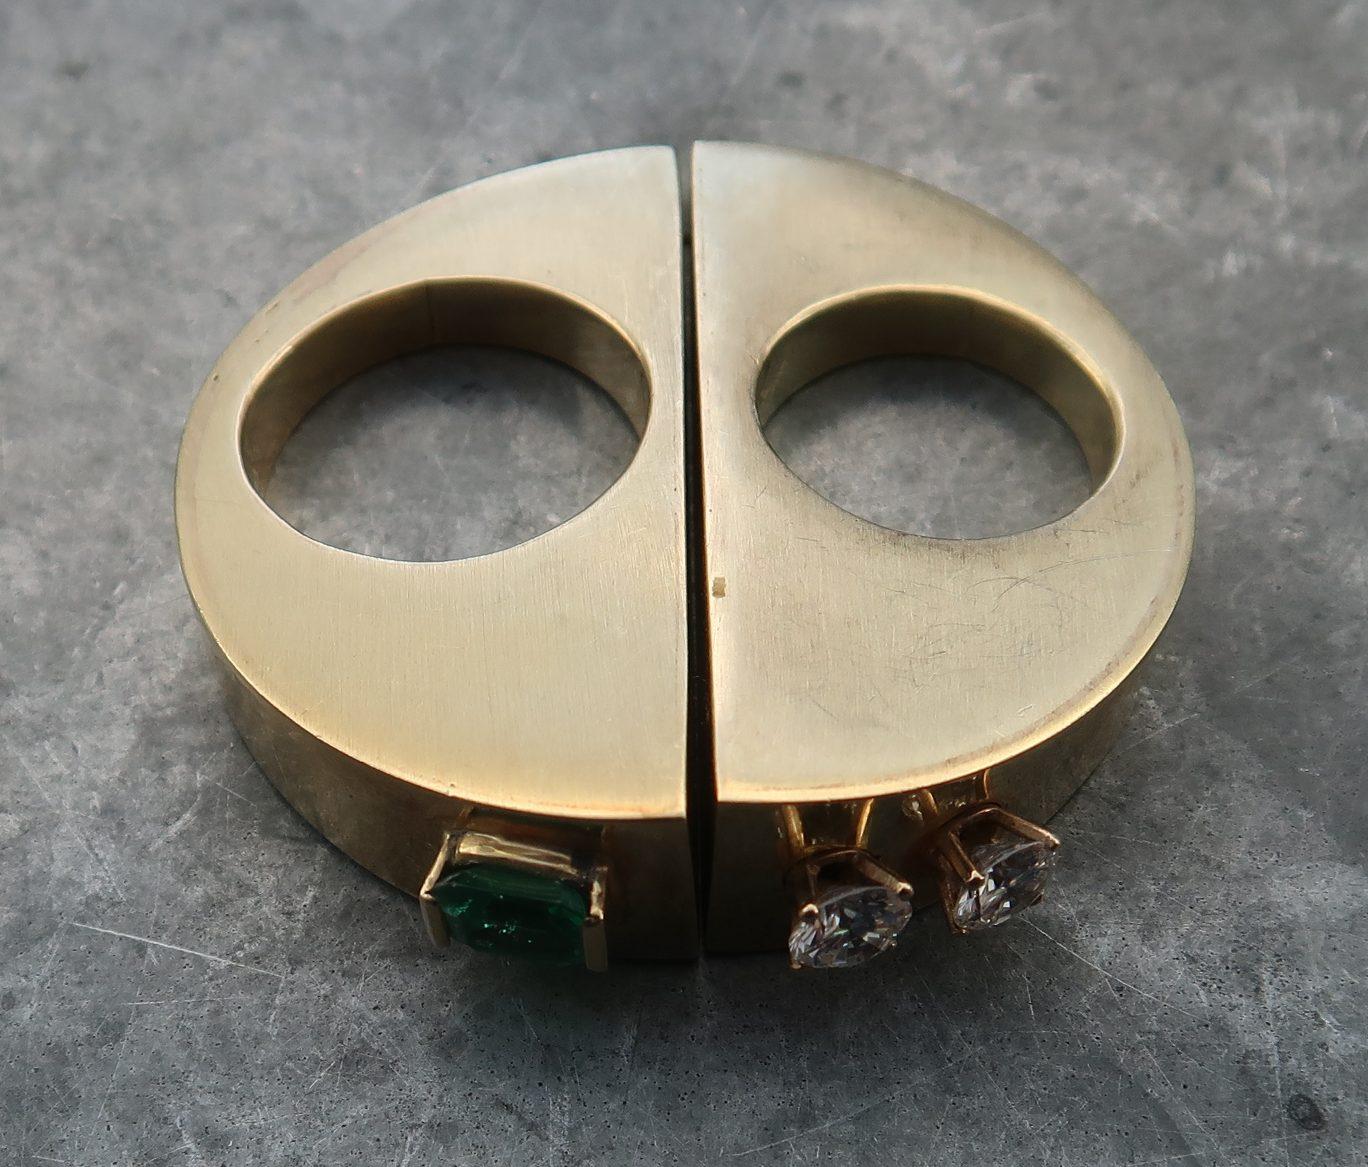 Karel Niehorster, ring, 1991. Particuliere collectie. Foto Coert Peter Krabbe, goud, smaragd, briljanten